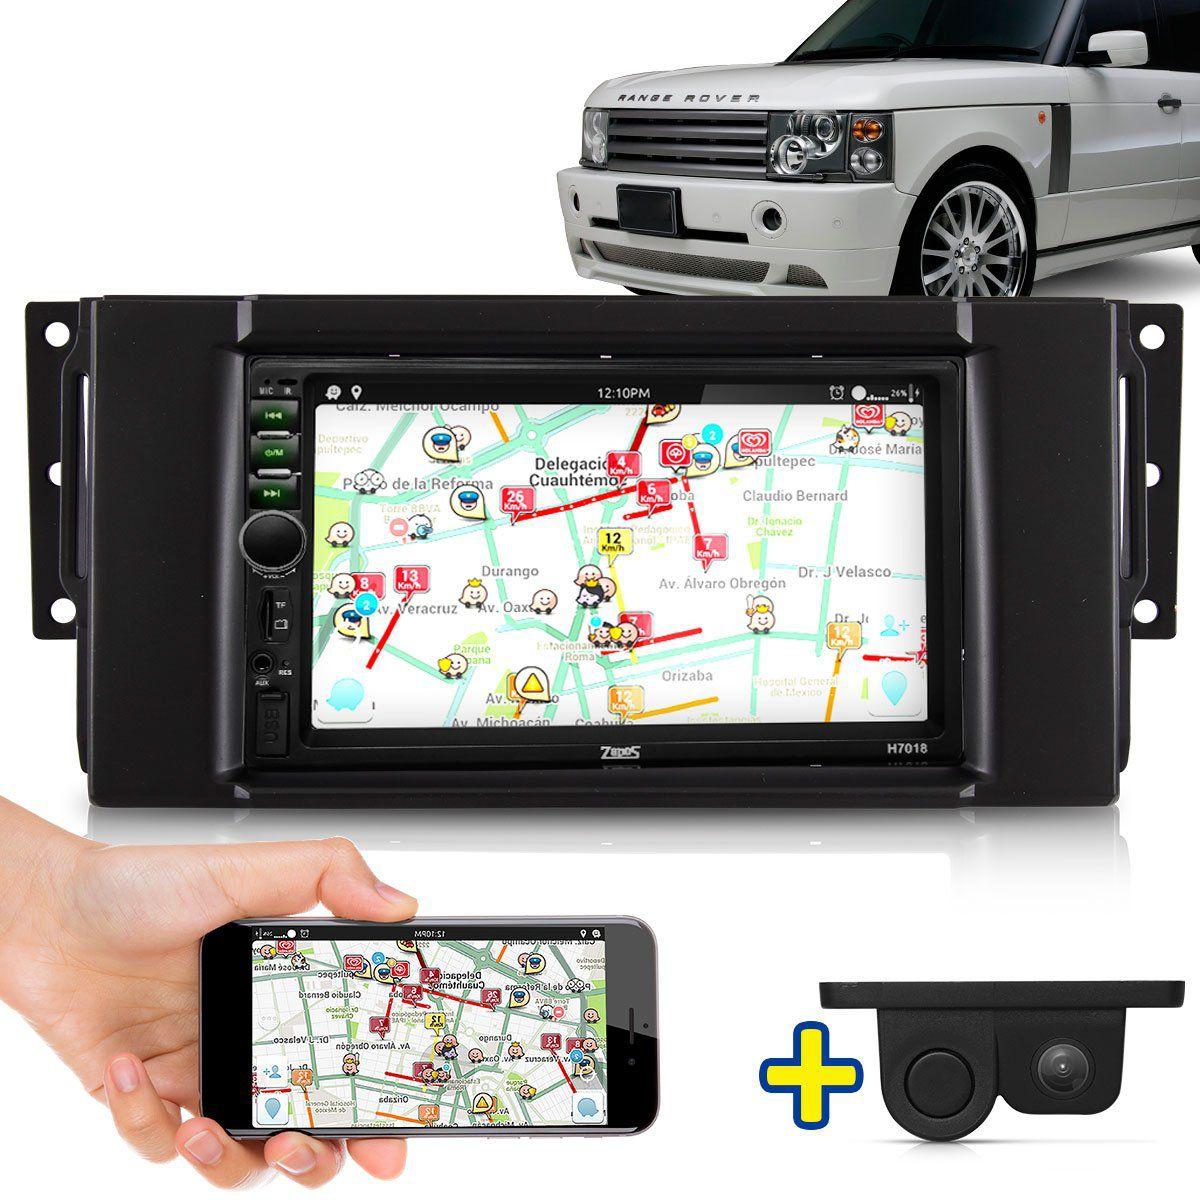 Kit Multimidia Mp5 Range Rover 06 07 08 09 10 11 12 13 14 15 16 + Moldura Câmera Ré Sensor